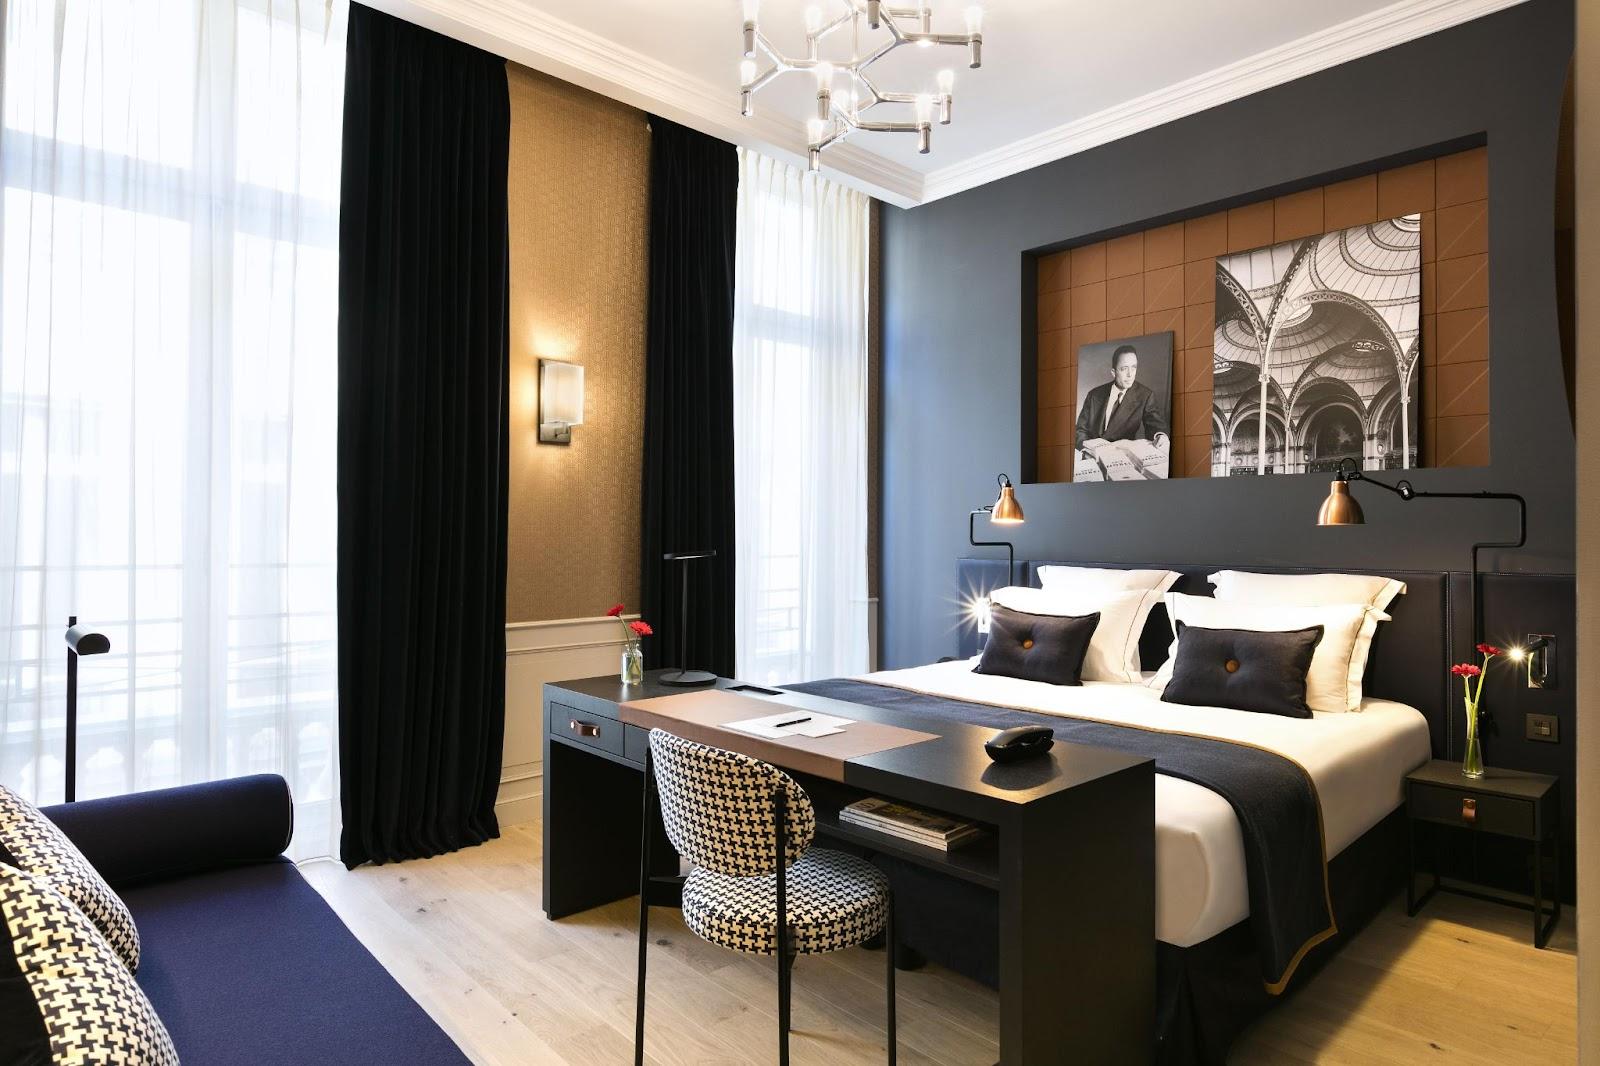 Chambre avec lit, bureau, canapé et grandes fenêtres